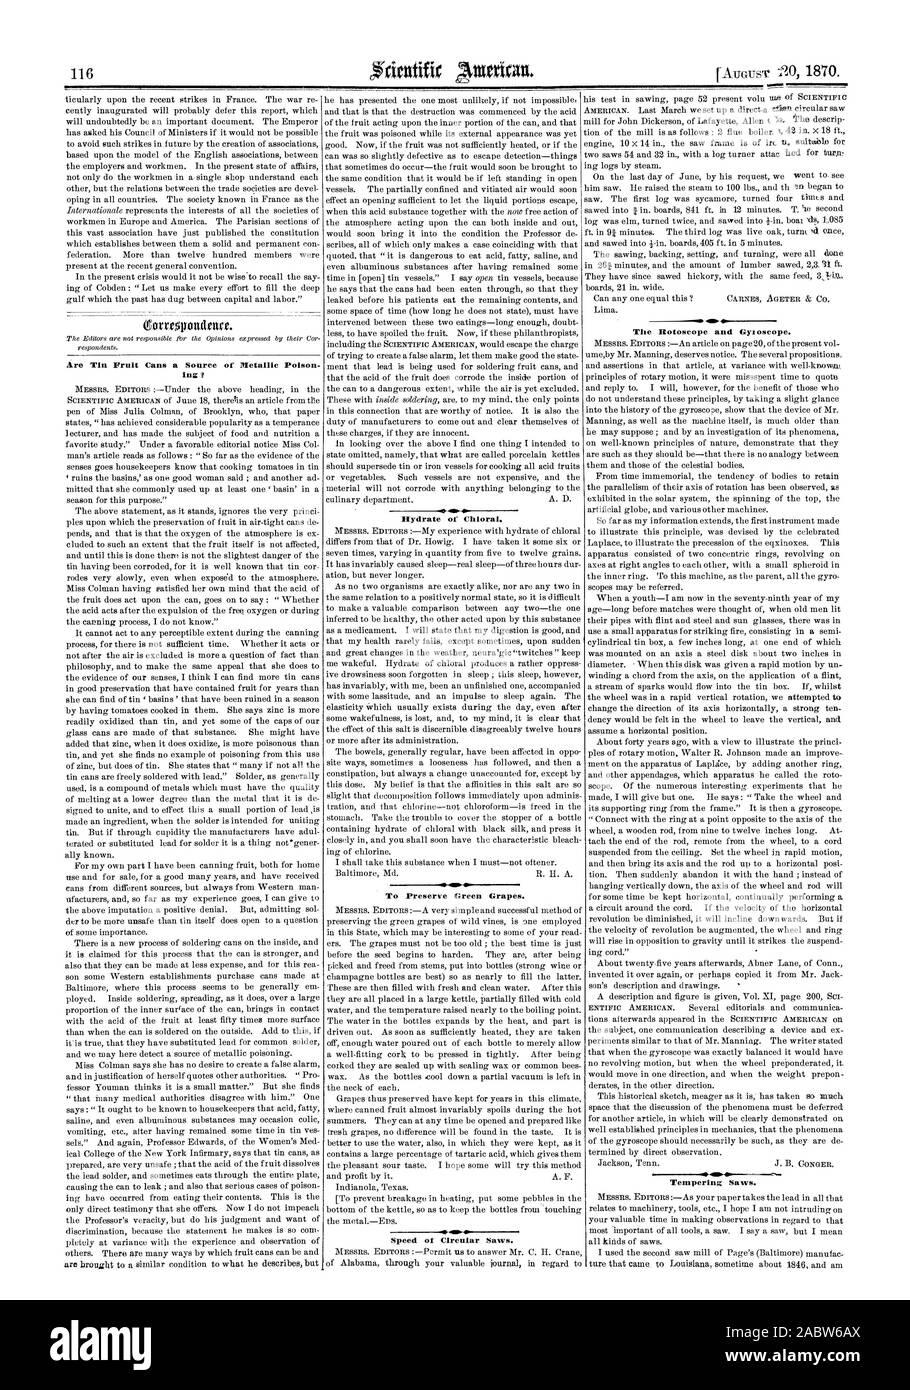 De l'Hydrate de chloral. Afin de préserver le raisin vert. Vitesse de scies circulaires. 41 . L'Rotoscoper et Gyloscope. La trempe des scies., Scientific American, 1870-08-20 Banque D'Images